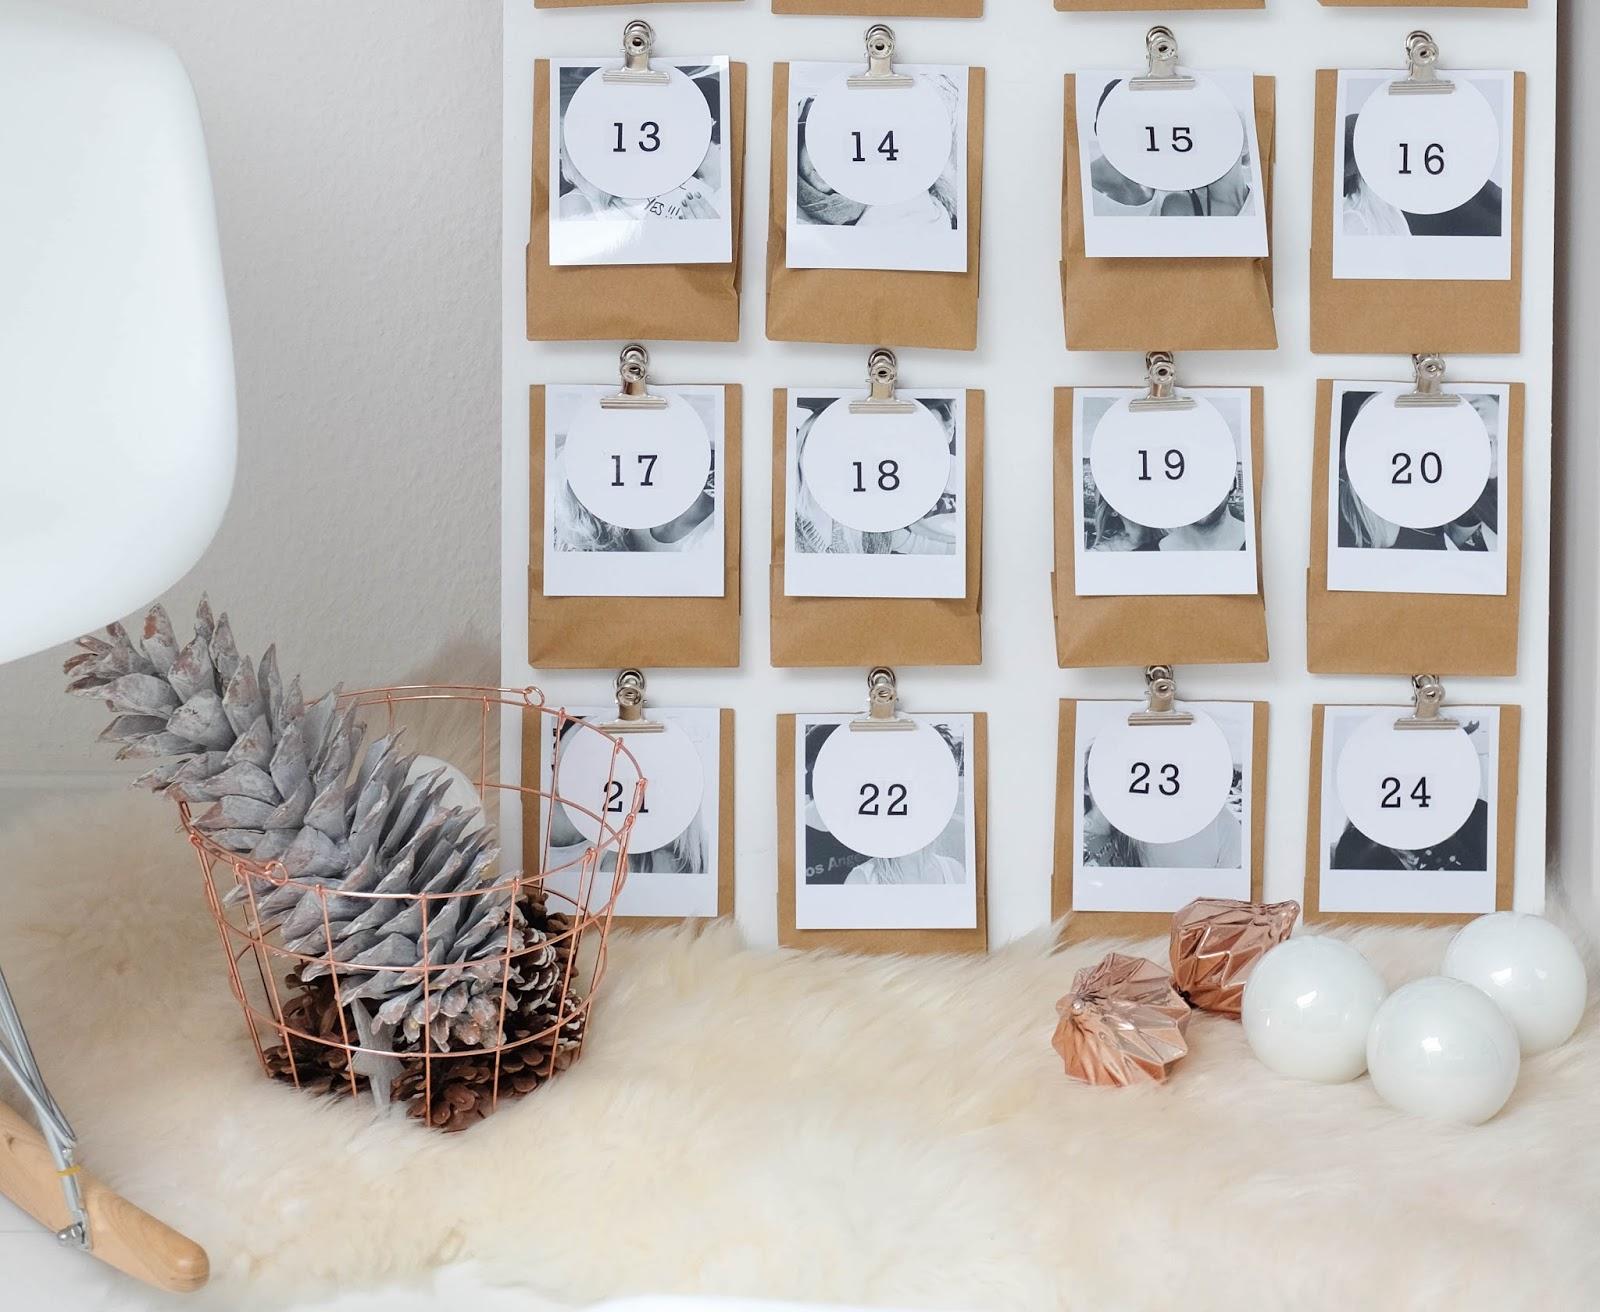 diy adventskalender mit fotos victoria 39 s little secrets. Black Bedroom Furniture Sets. Home Design Ideas